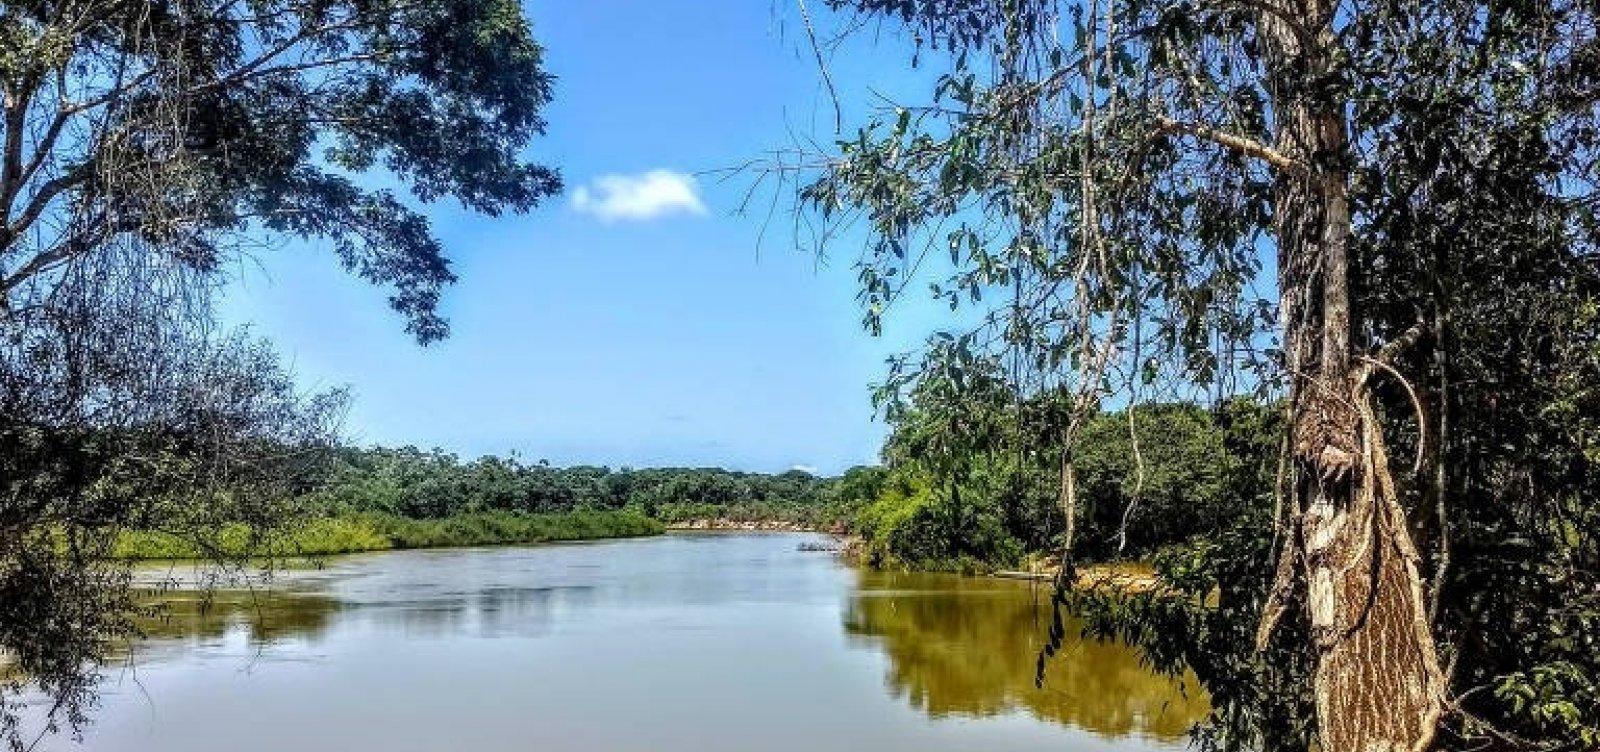 Associação diz que indígena que apoiou Bolsonaro não representa etnias do Xingu